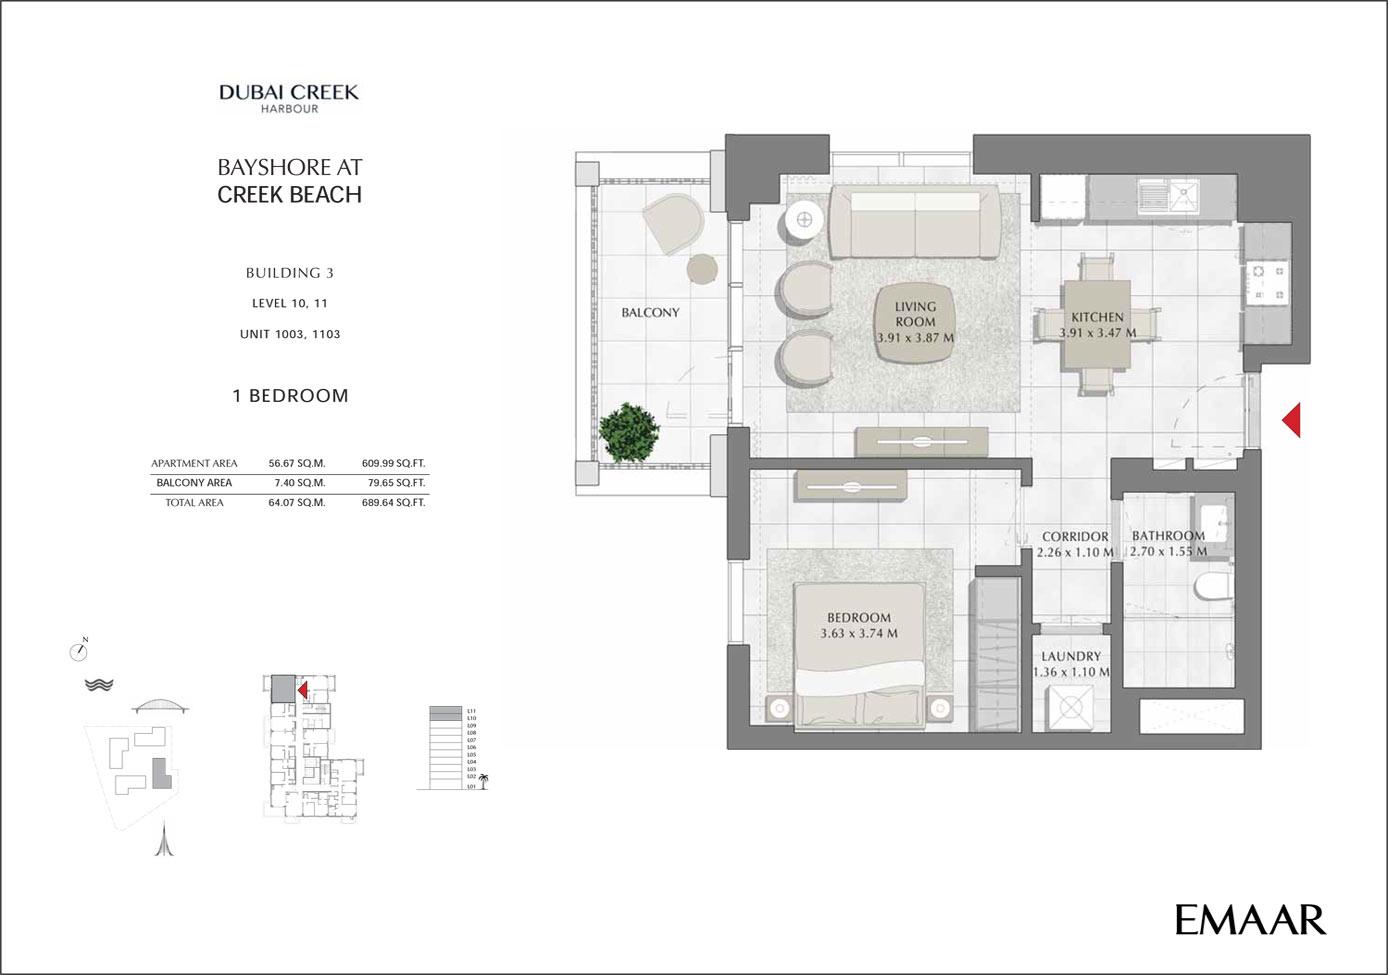 المبني3 - 1 غرفة نوم، المستوى 10-11، وحدة 1002-1102، حجم 692 قدم مربع